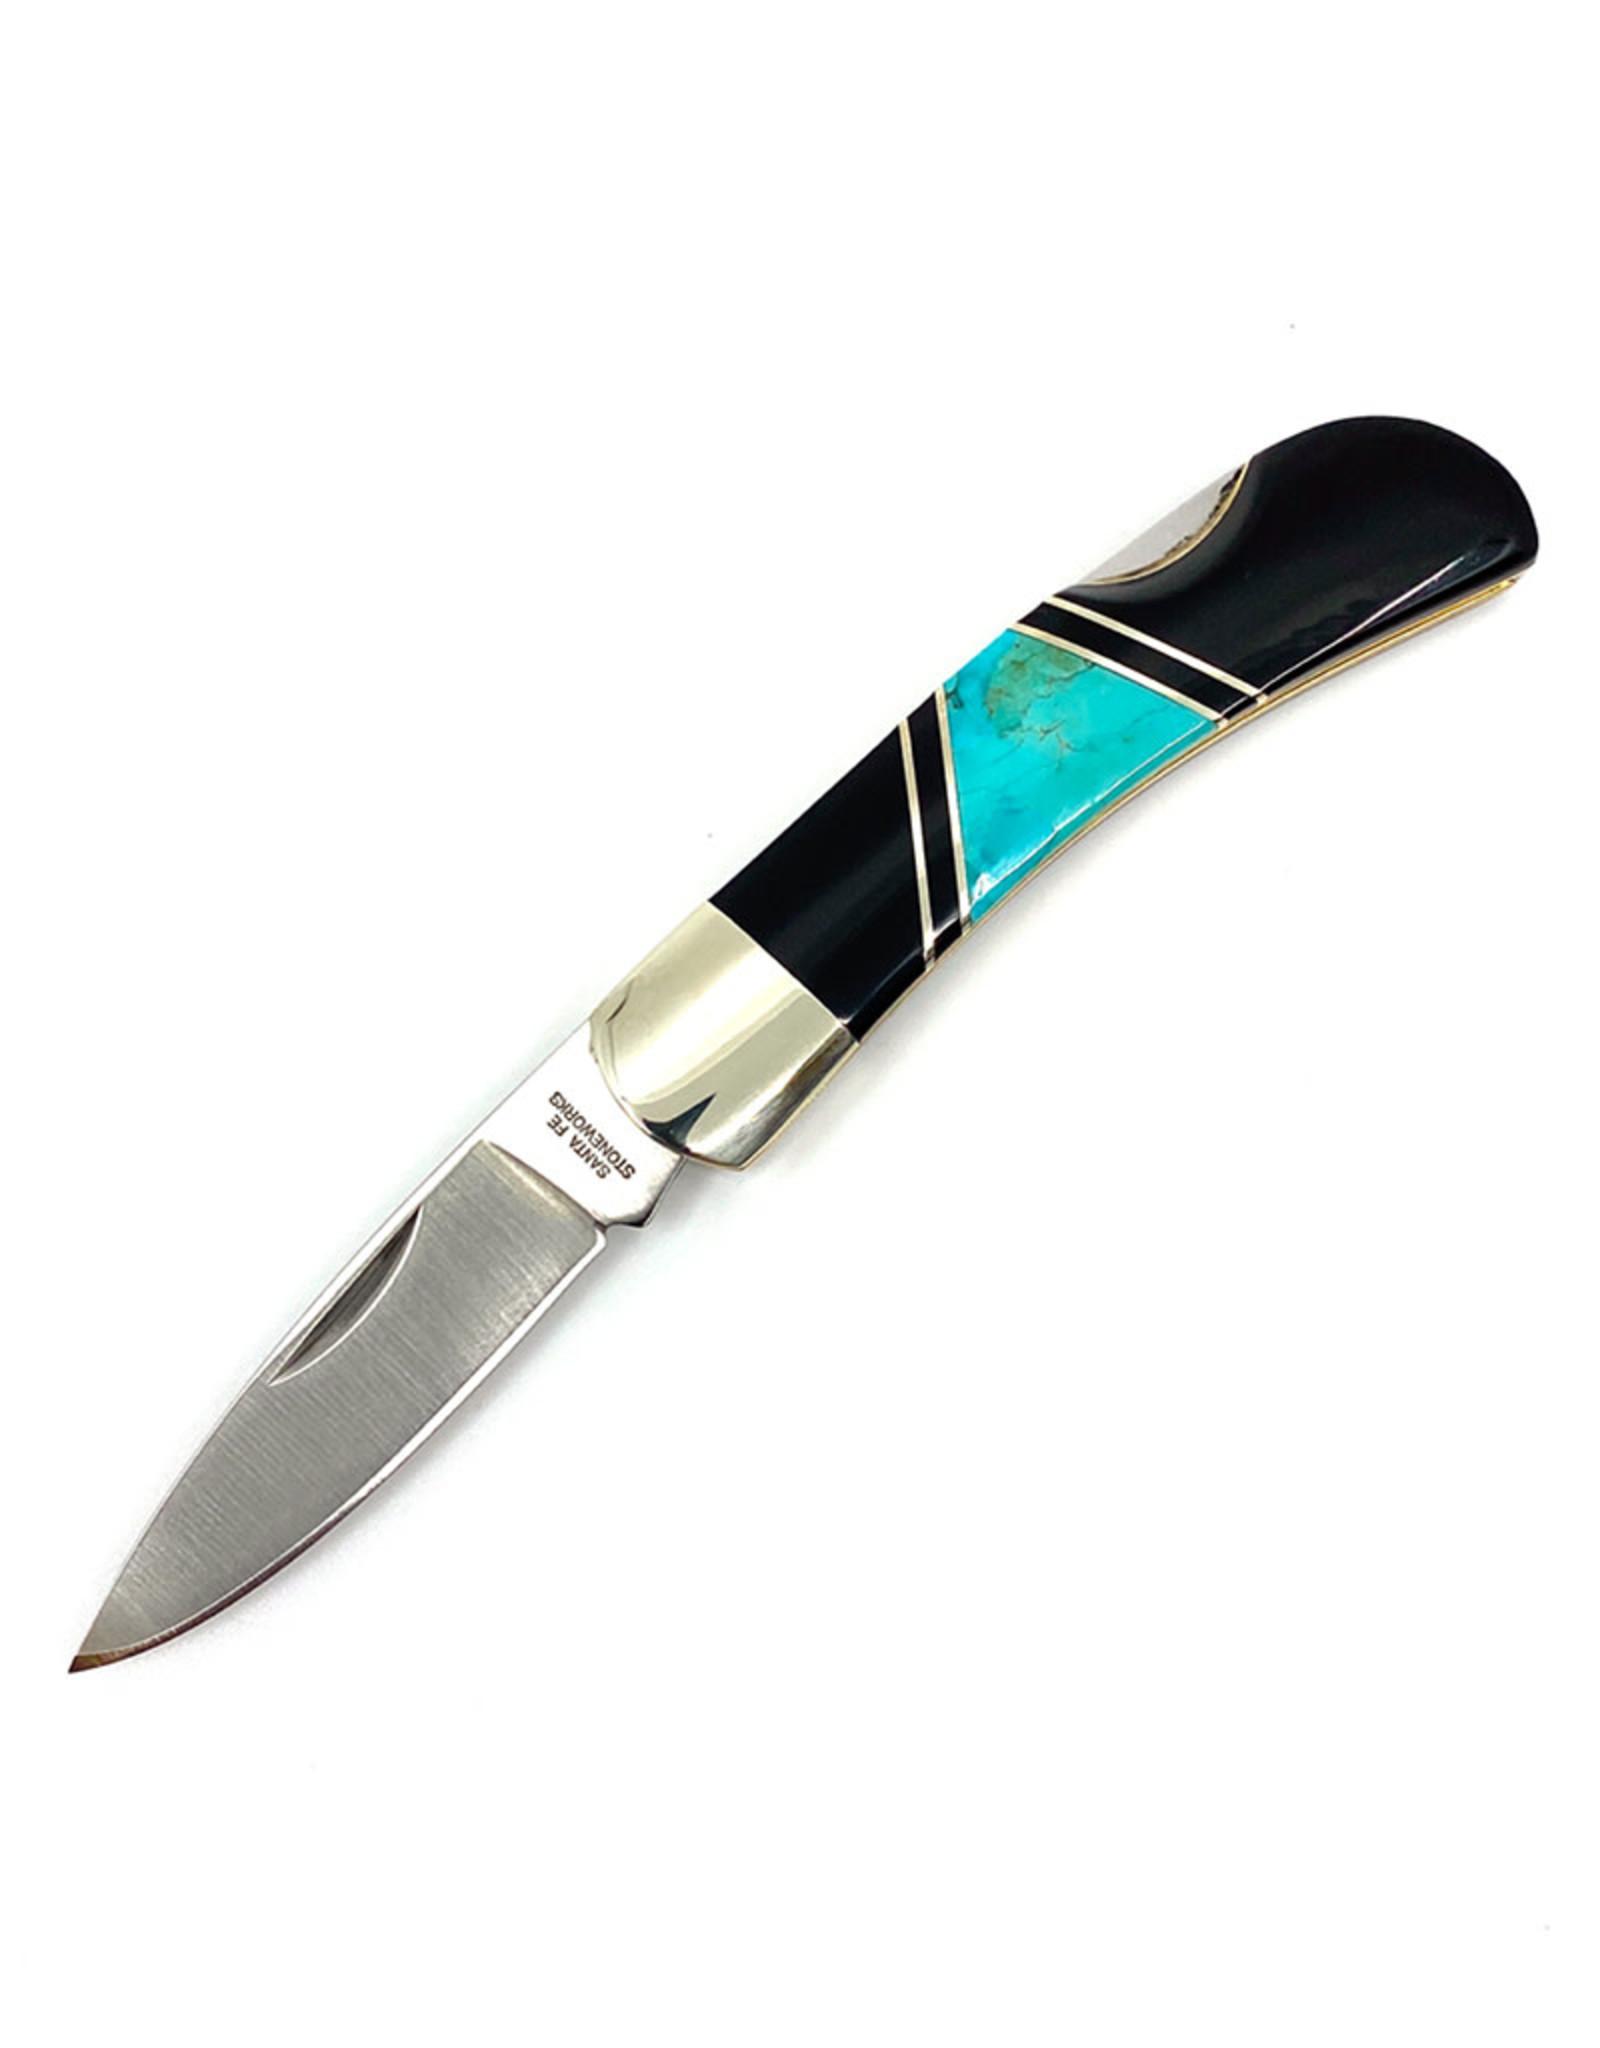 SANTA FE STONEWORKS 3'' LOCK BACK TURQUOISE KNIFE